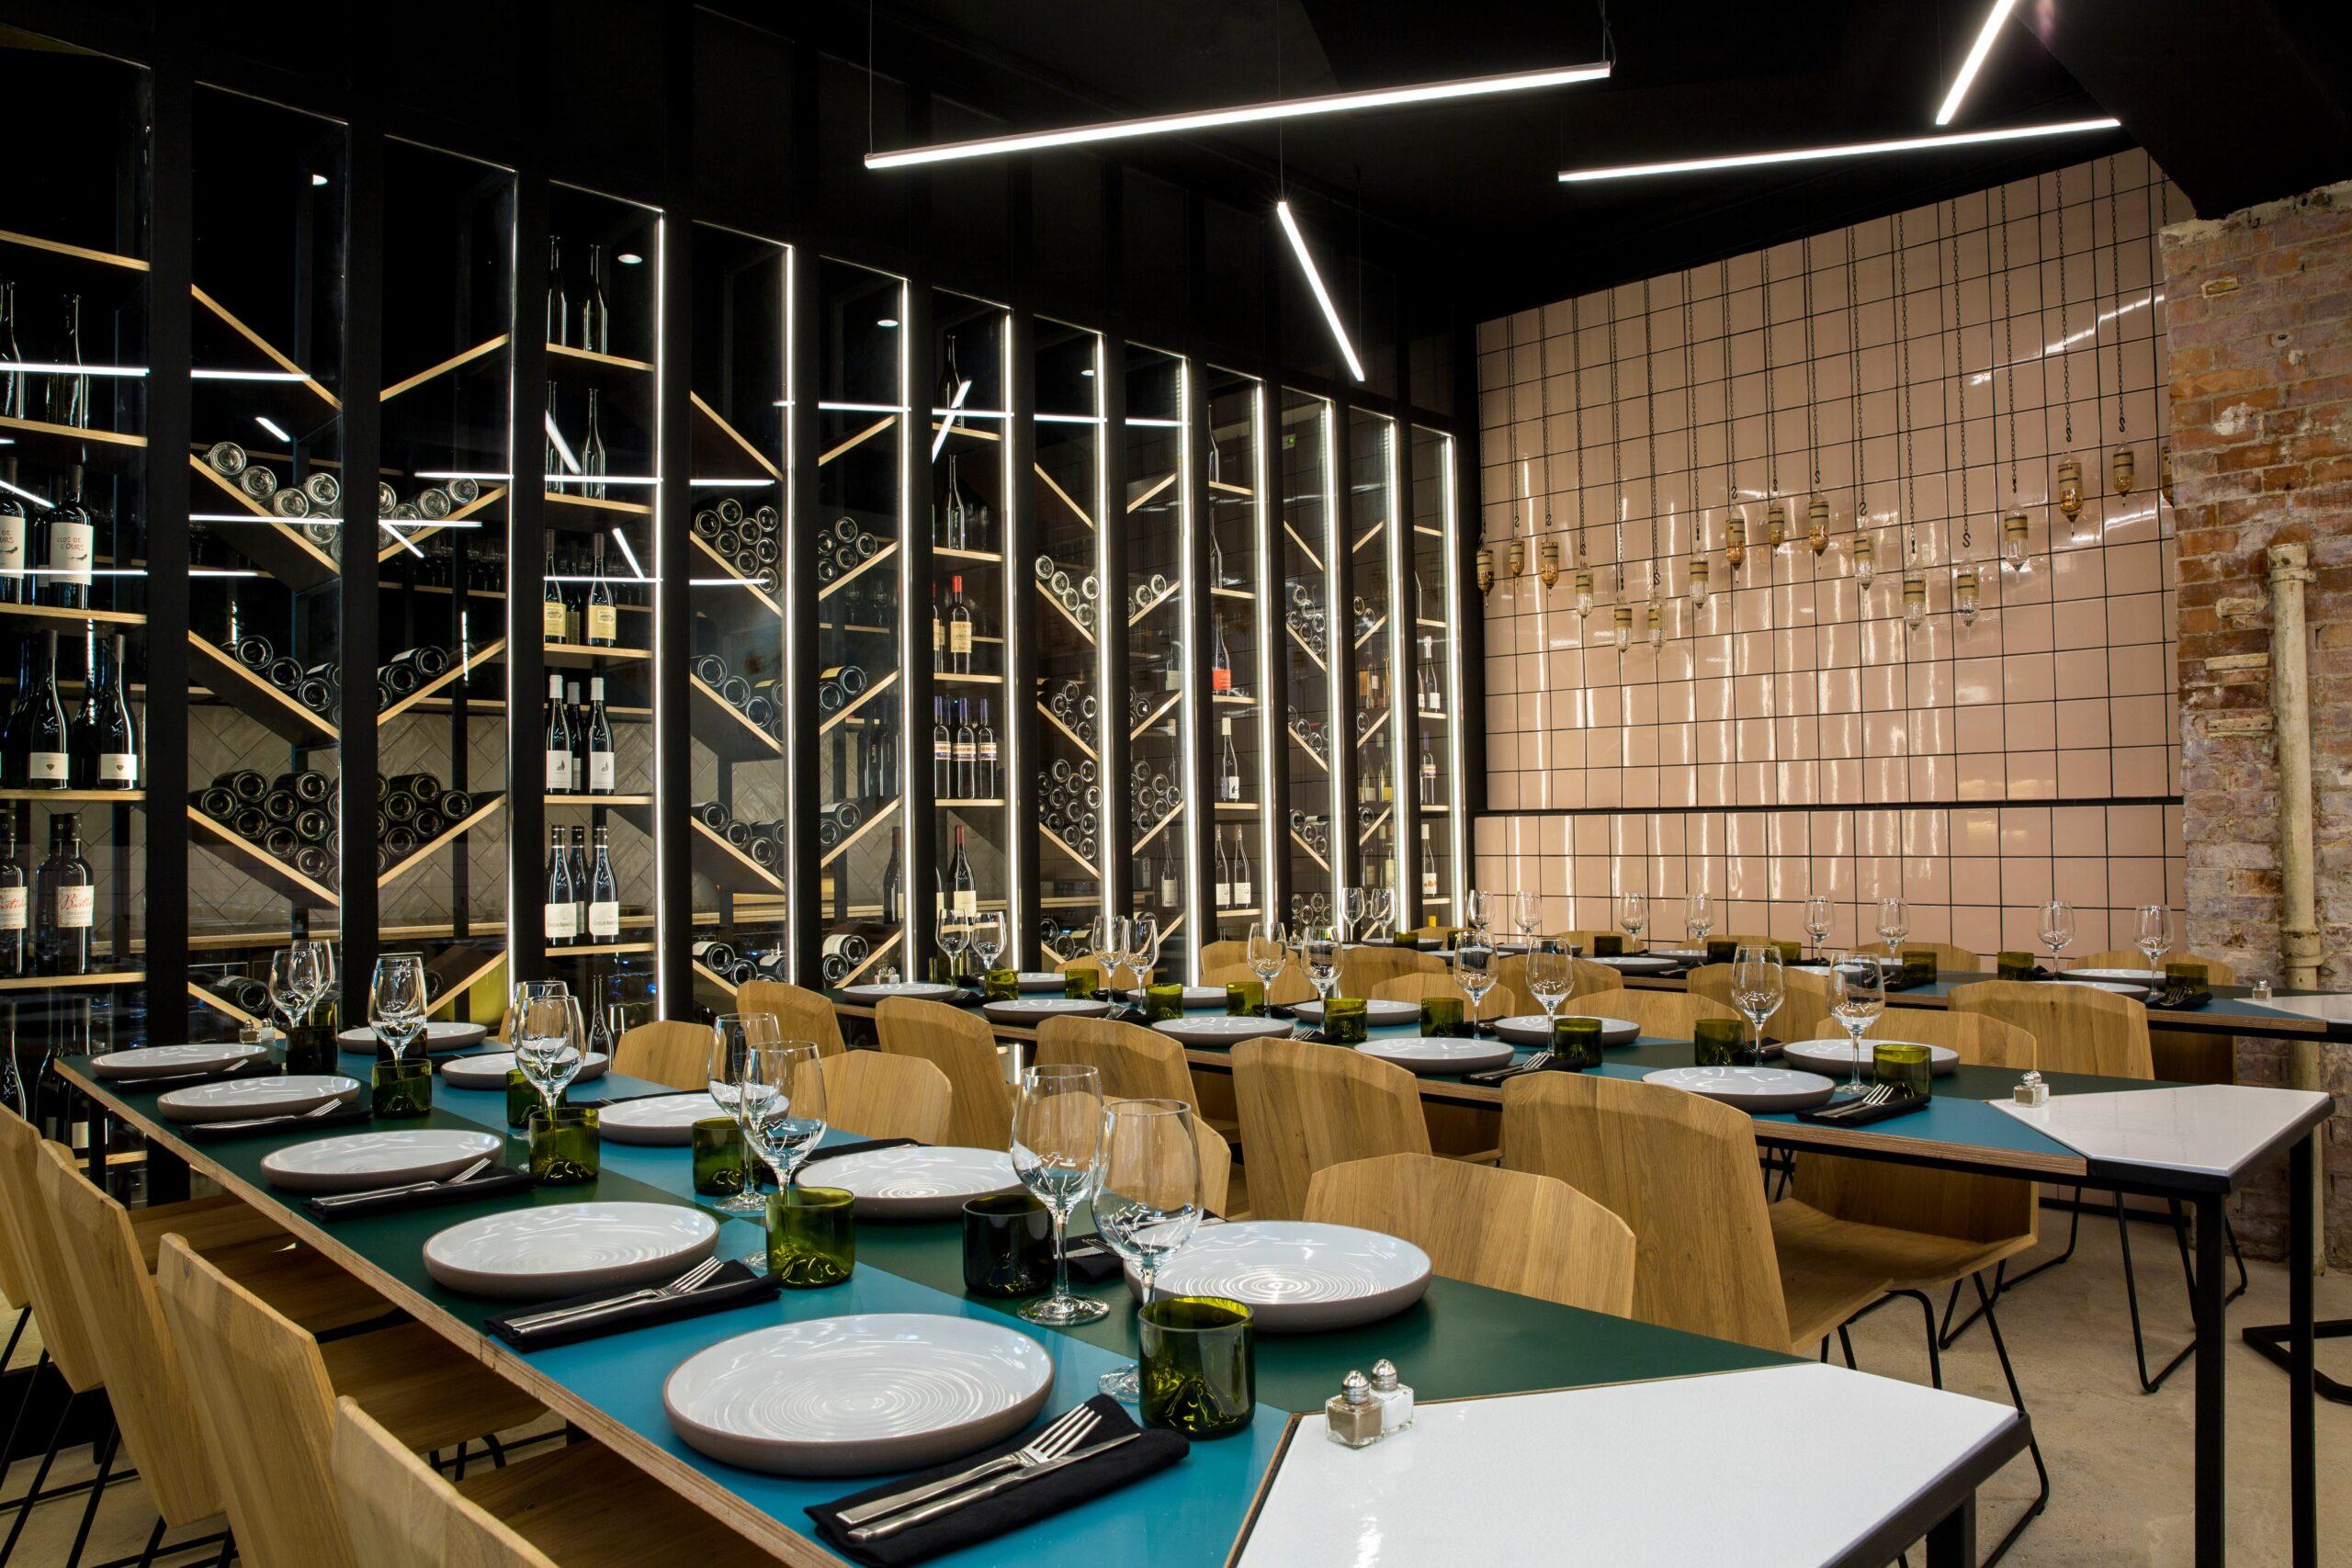 vue d'ensemble du restaurant Matière Brut